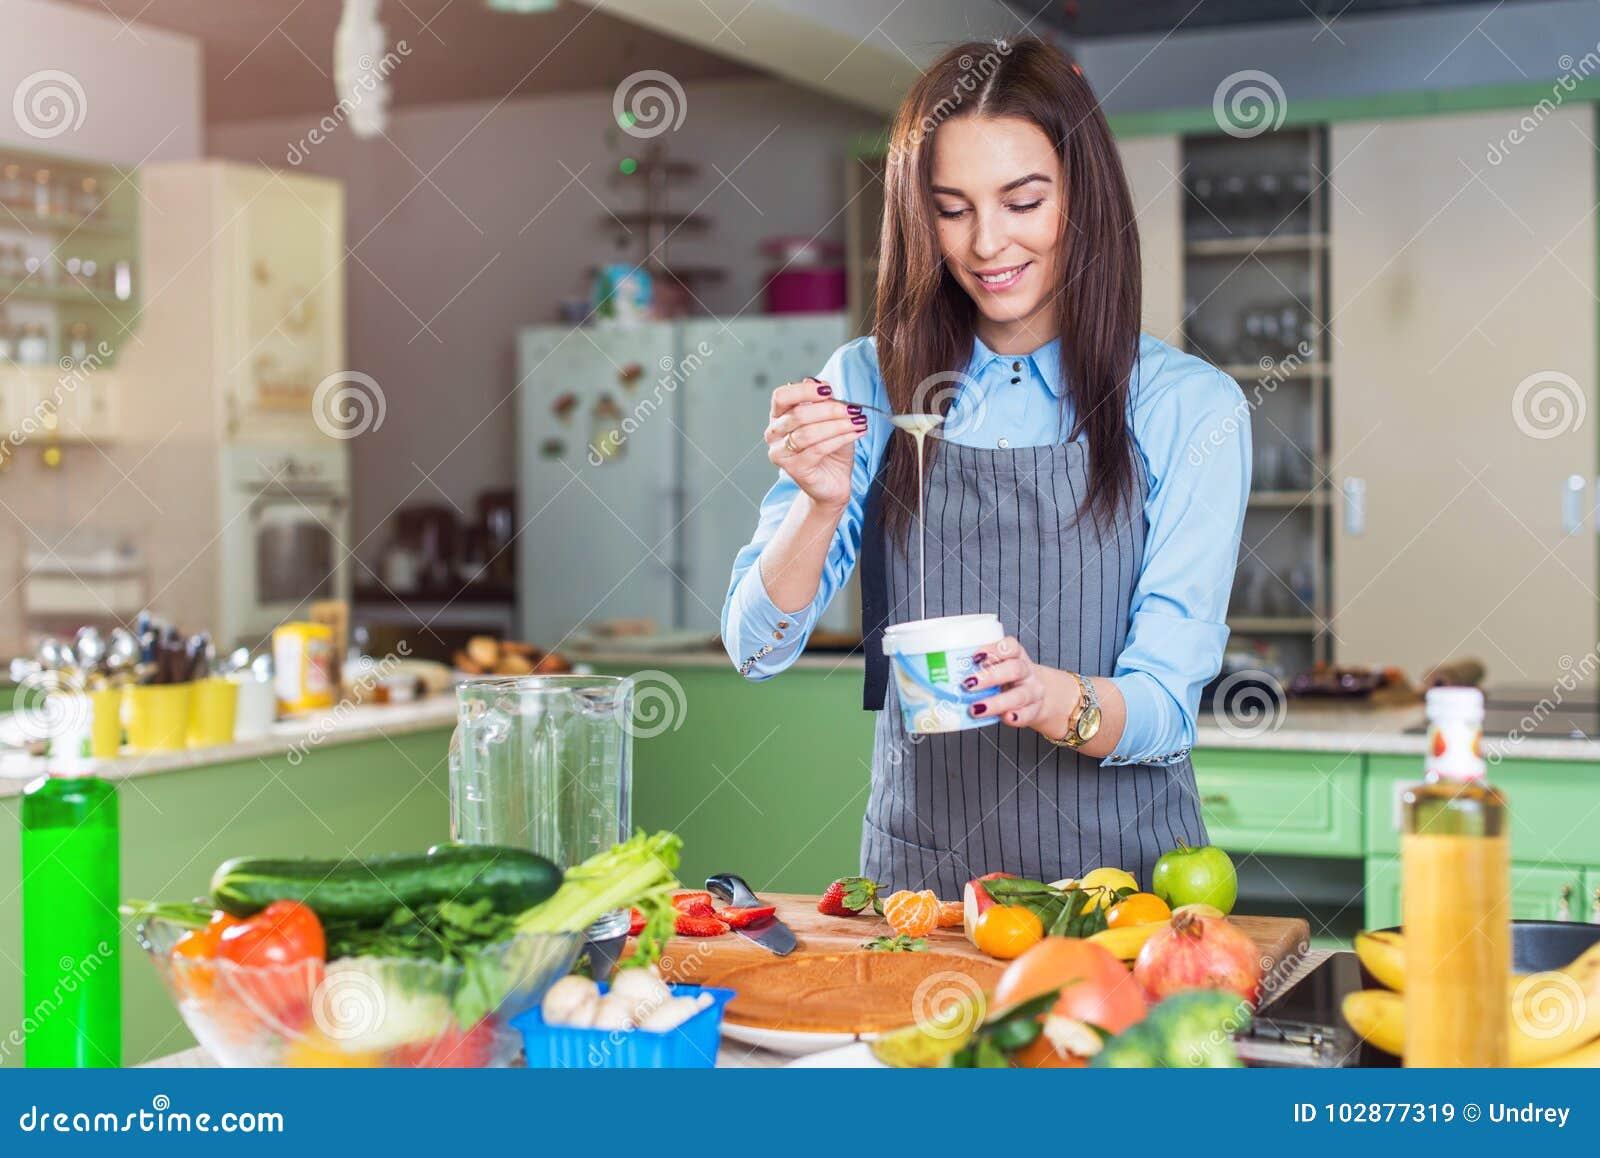 Vrolijk jong vrouwelijk chef-kok kokend dessert die condens in schotel in haar keuken toevoegen